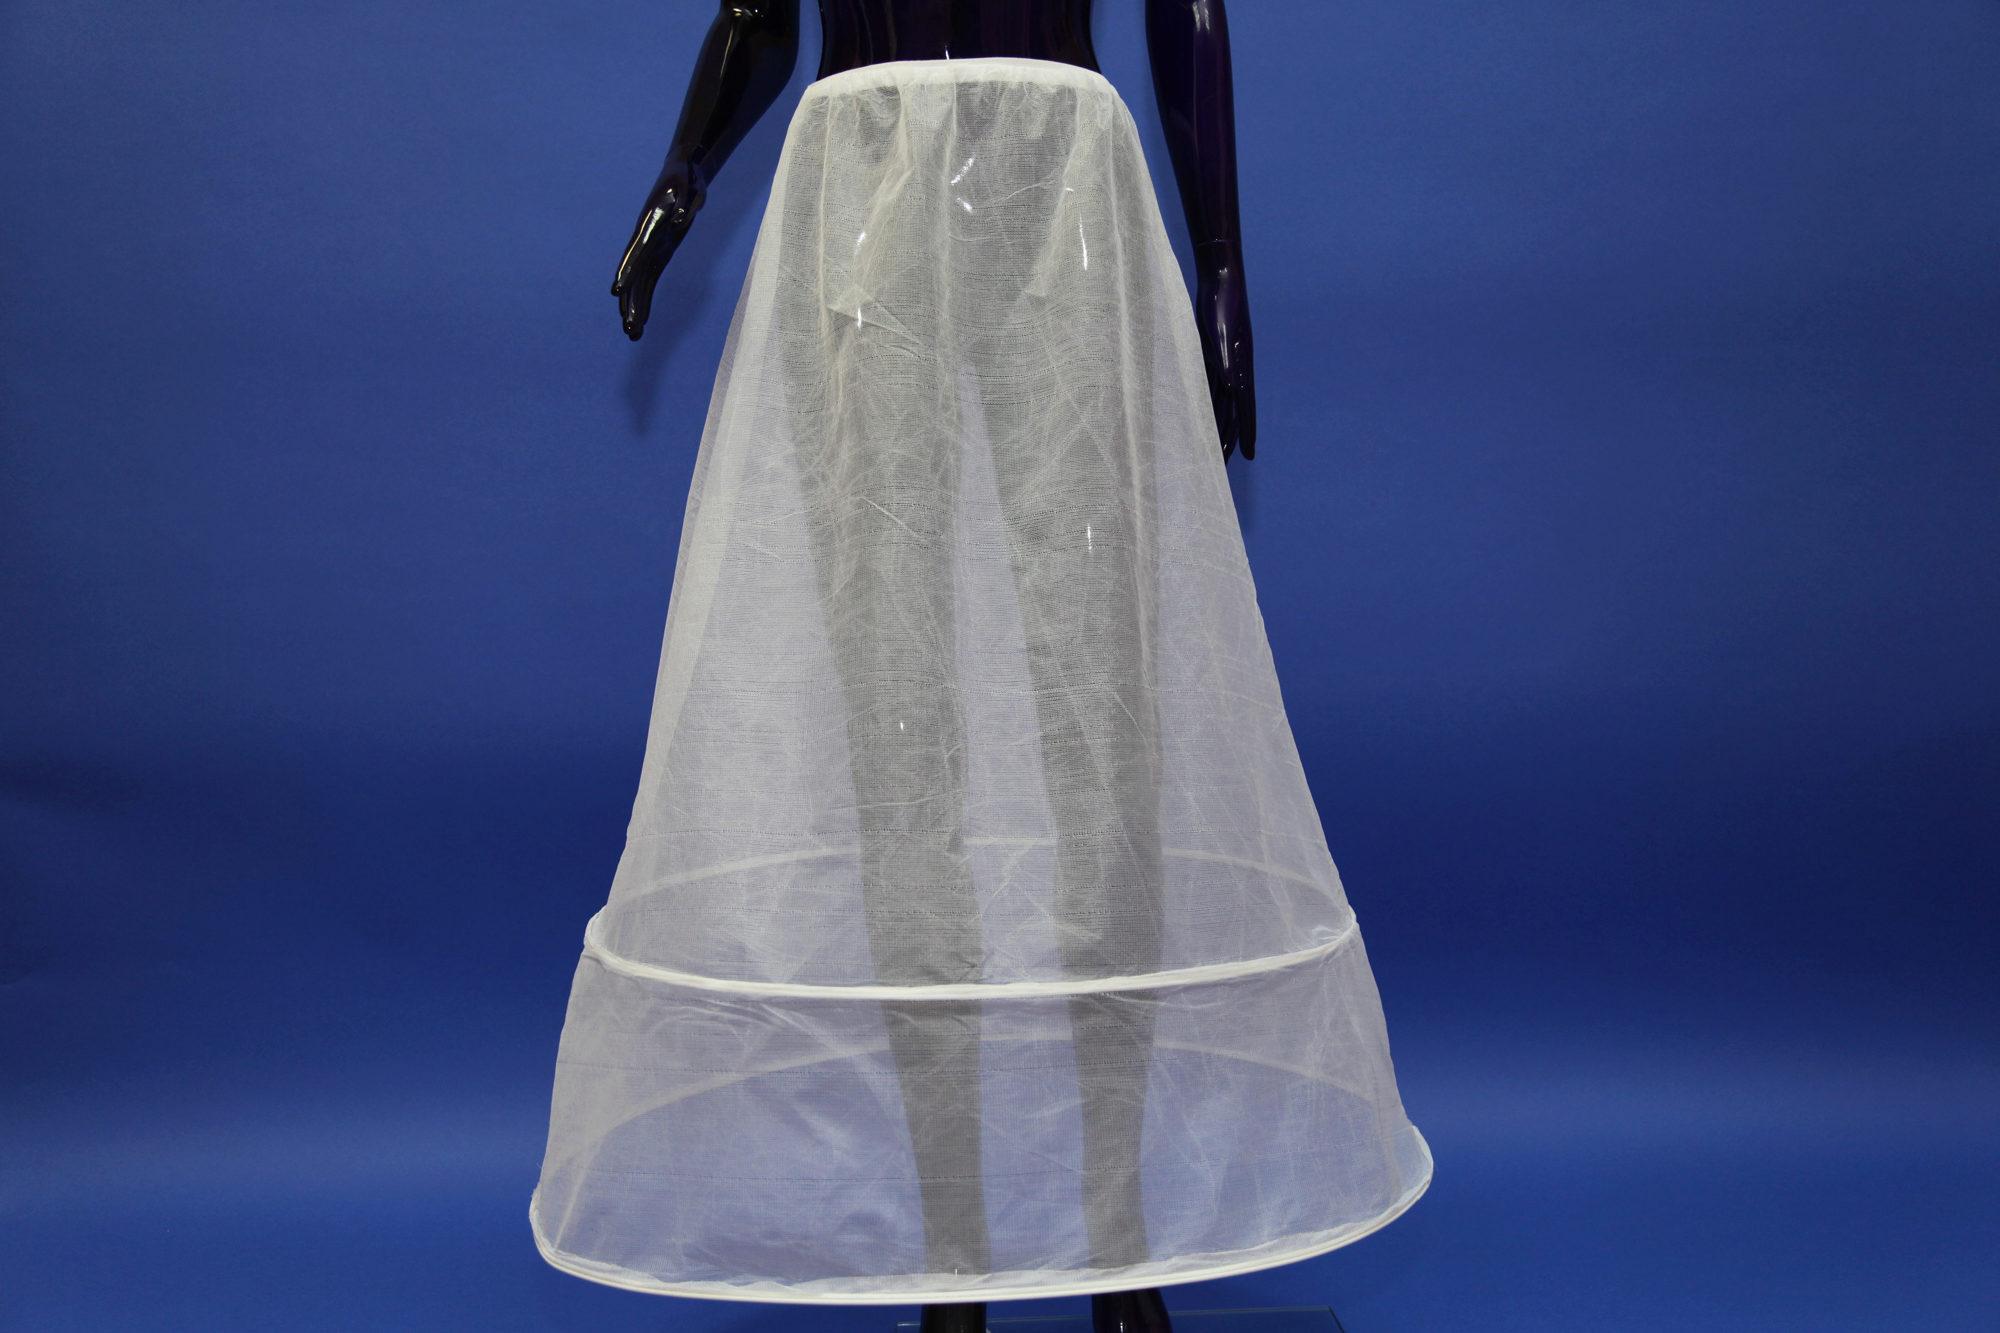 Как сделать кольца под свадебное платье